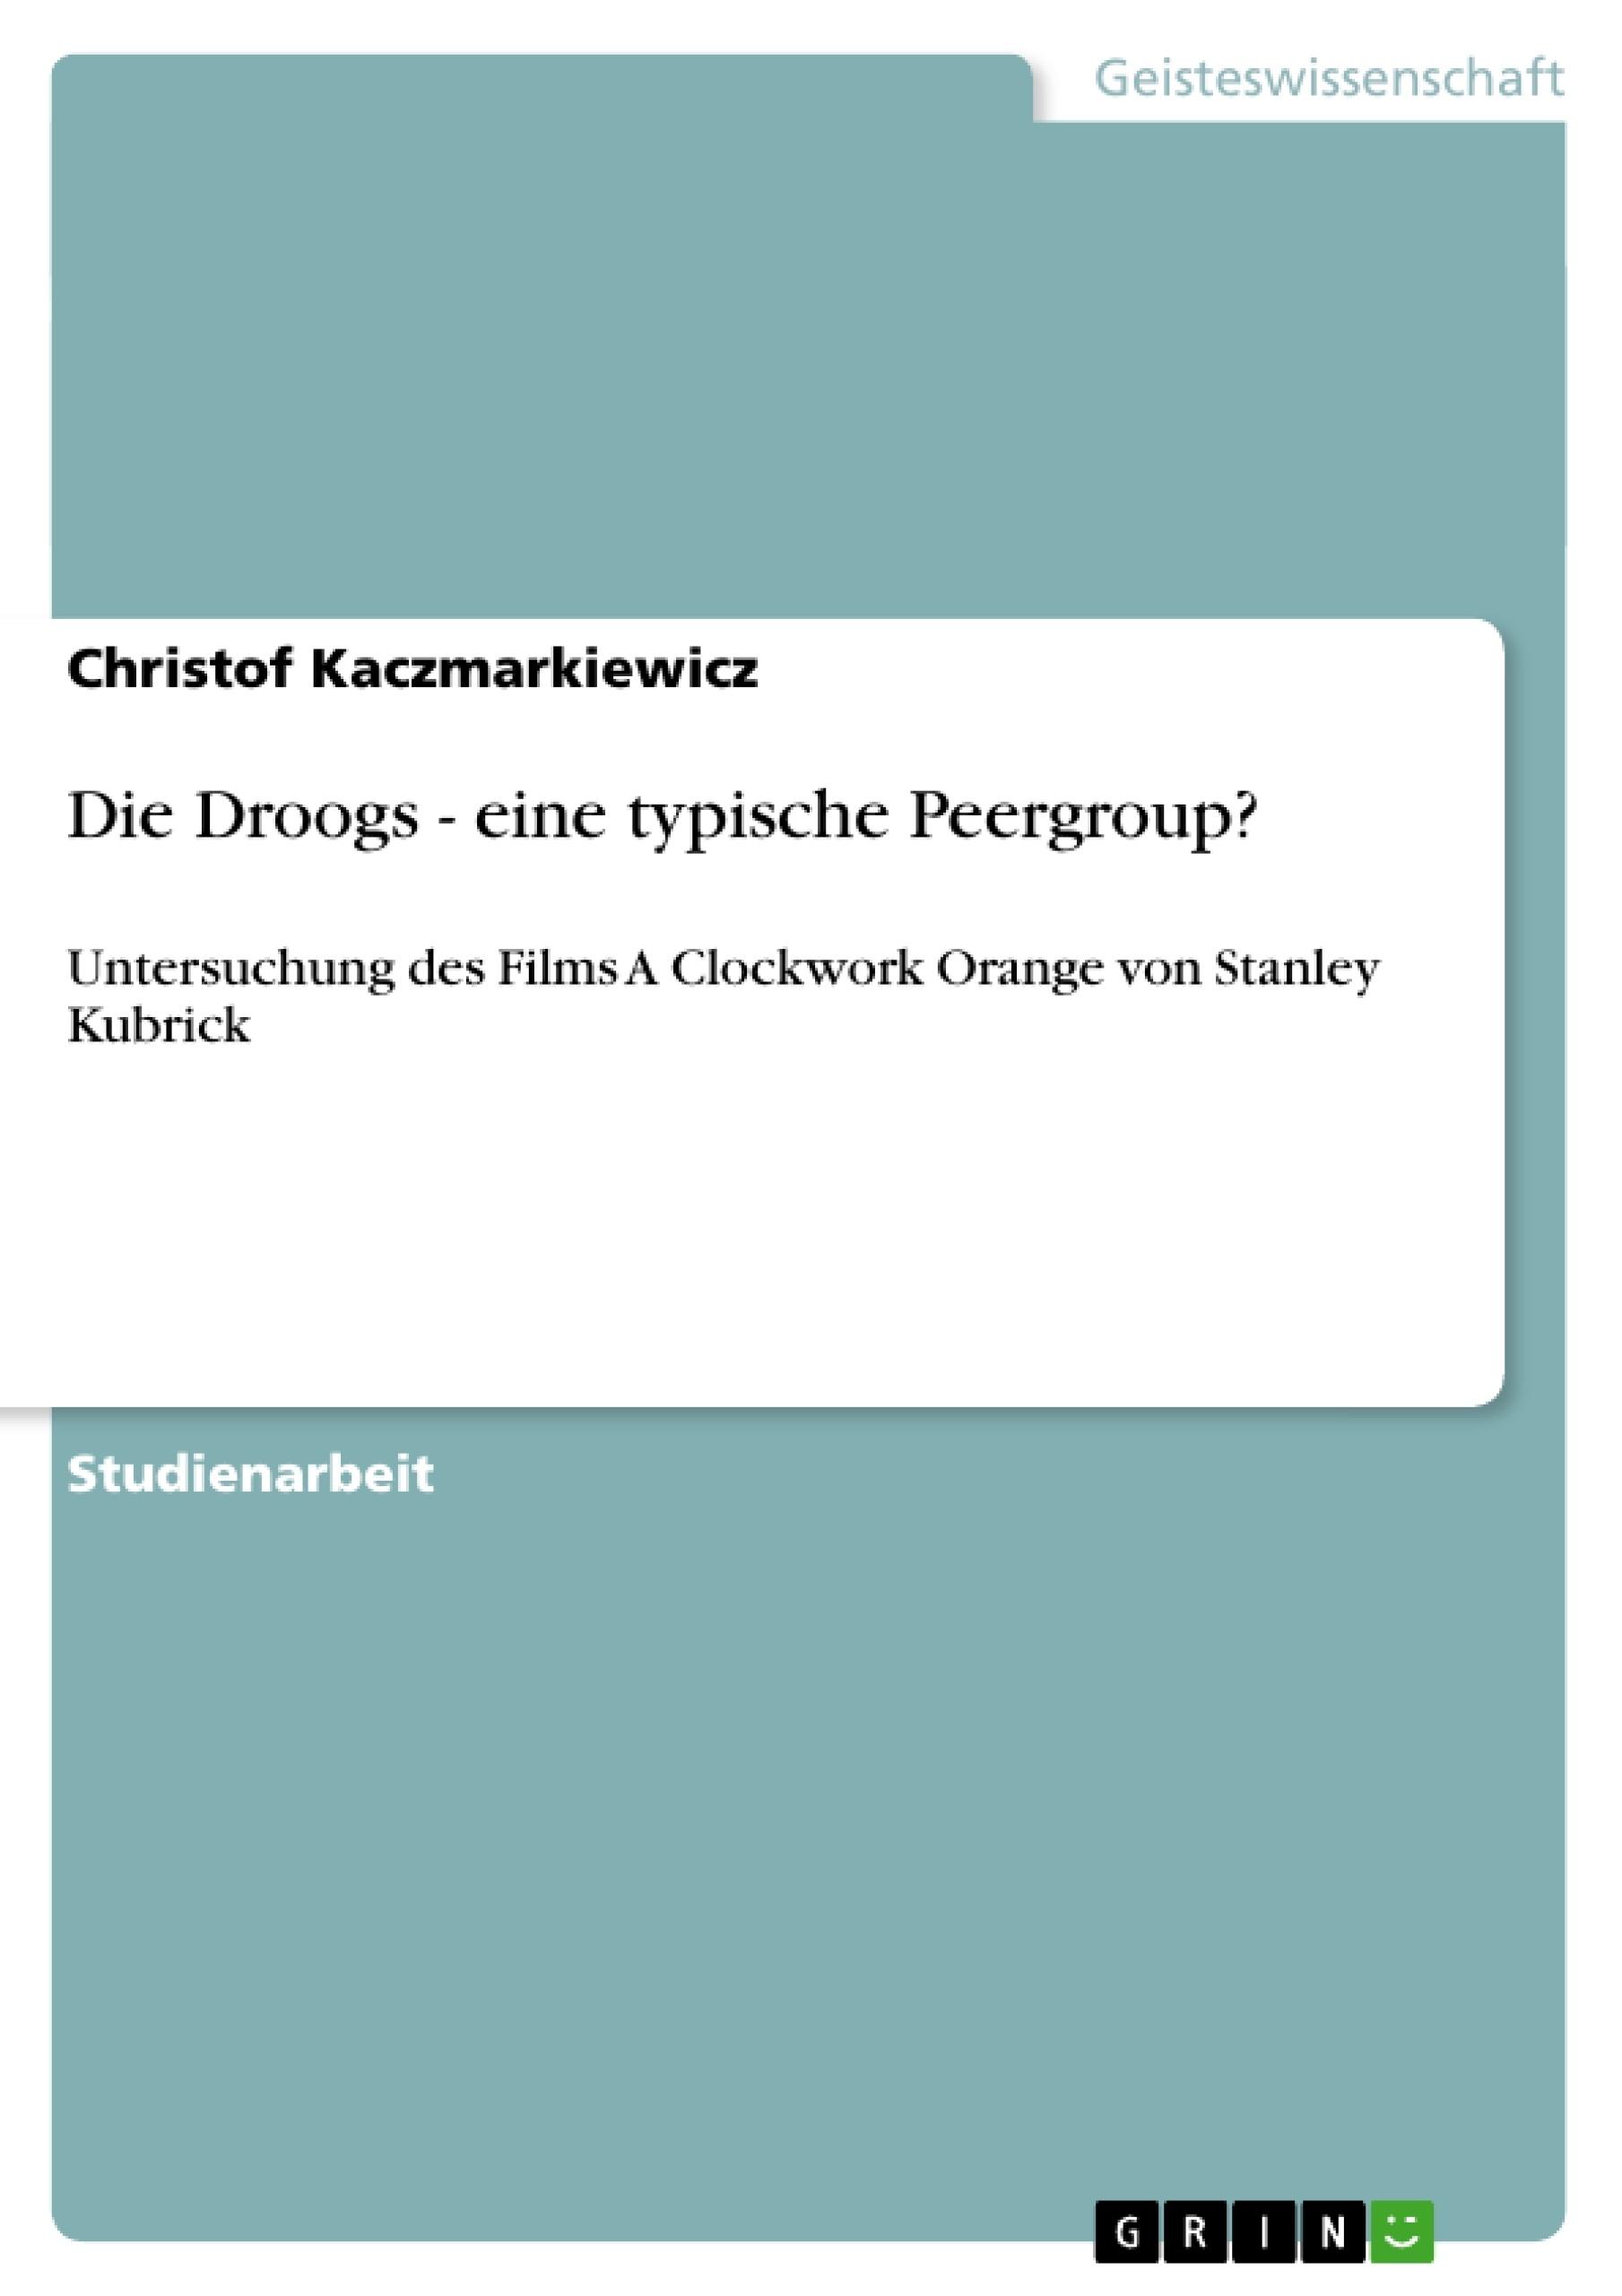 Titel: Die Droogs - eine typische Peergroup?